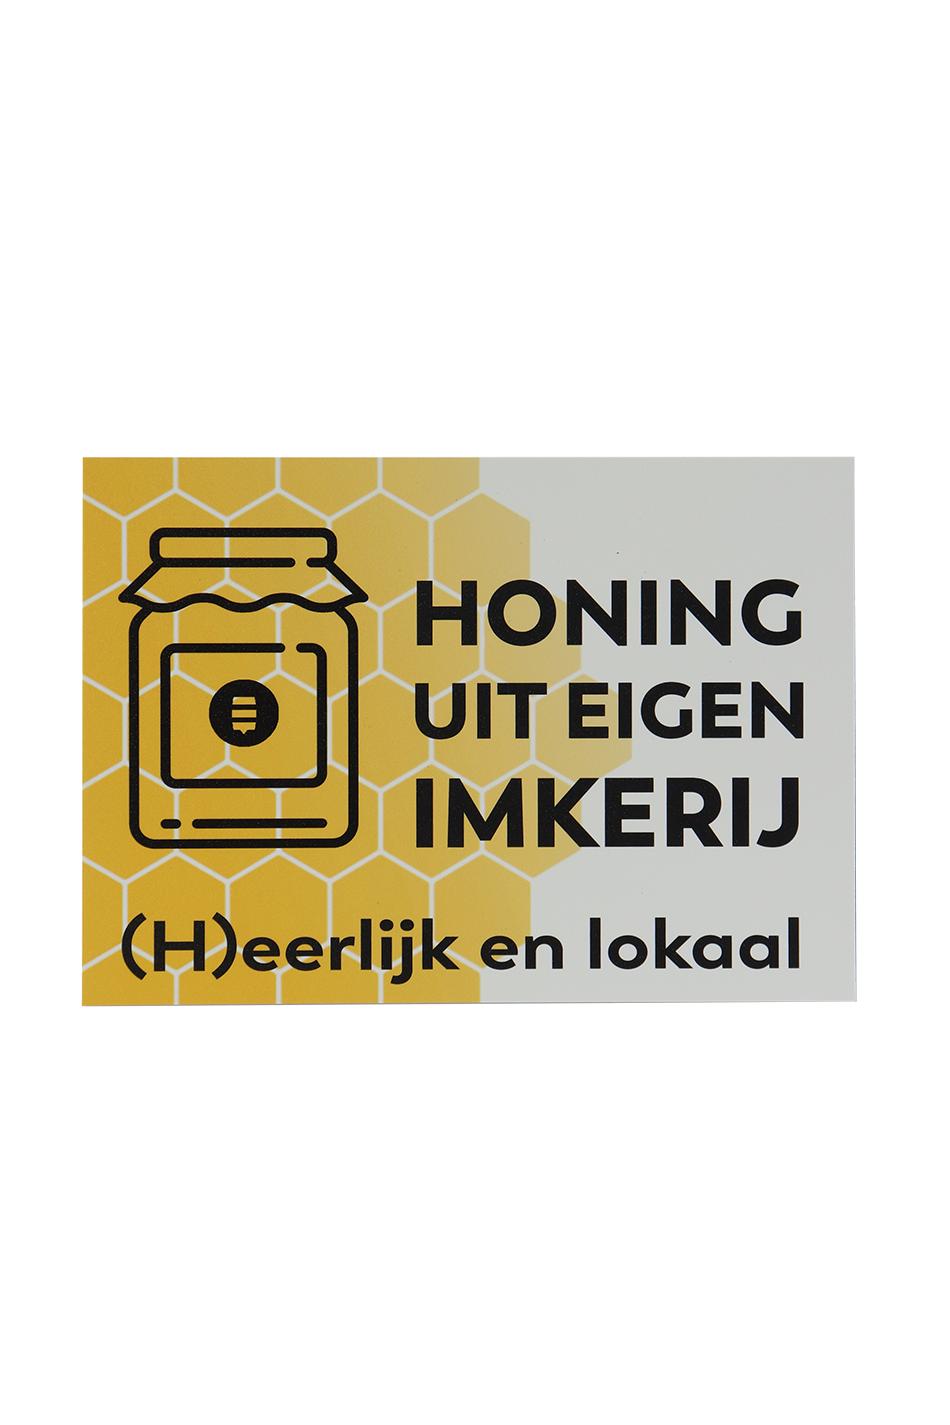 Plakkaat honing uit eigen imkerij-1